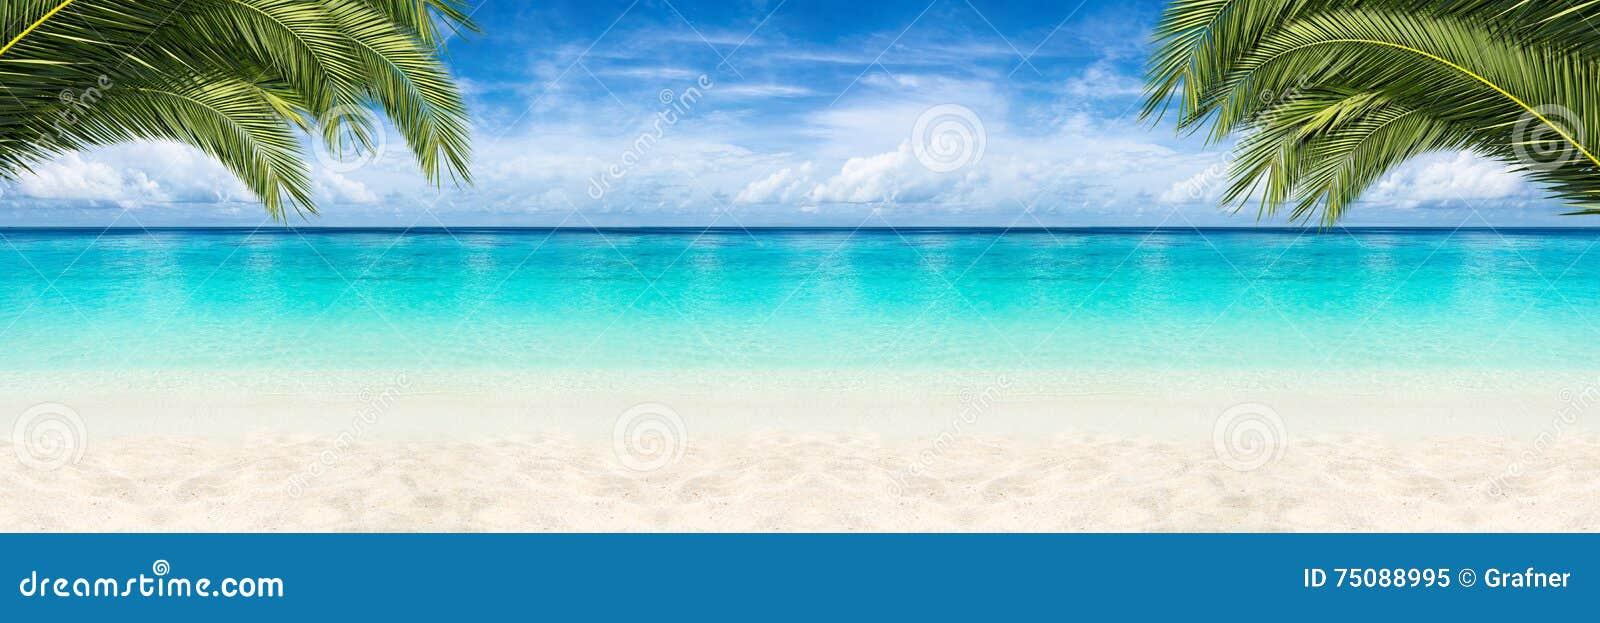 Предпосылка пляжа рая